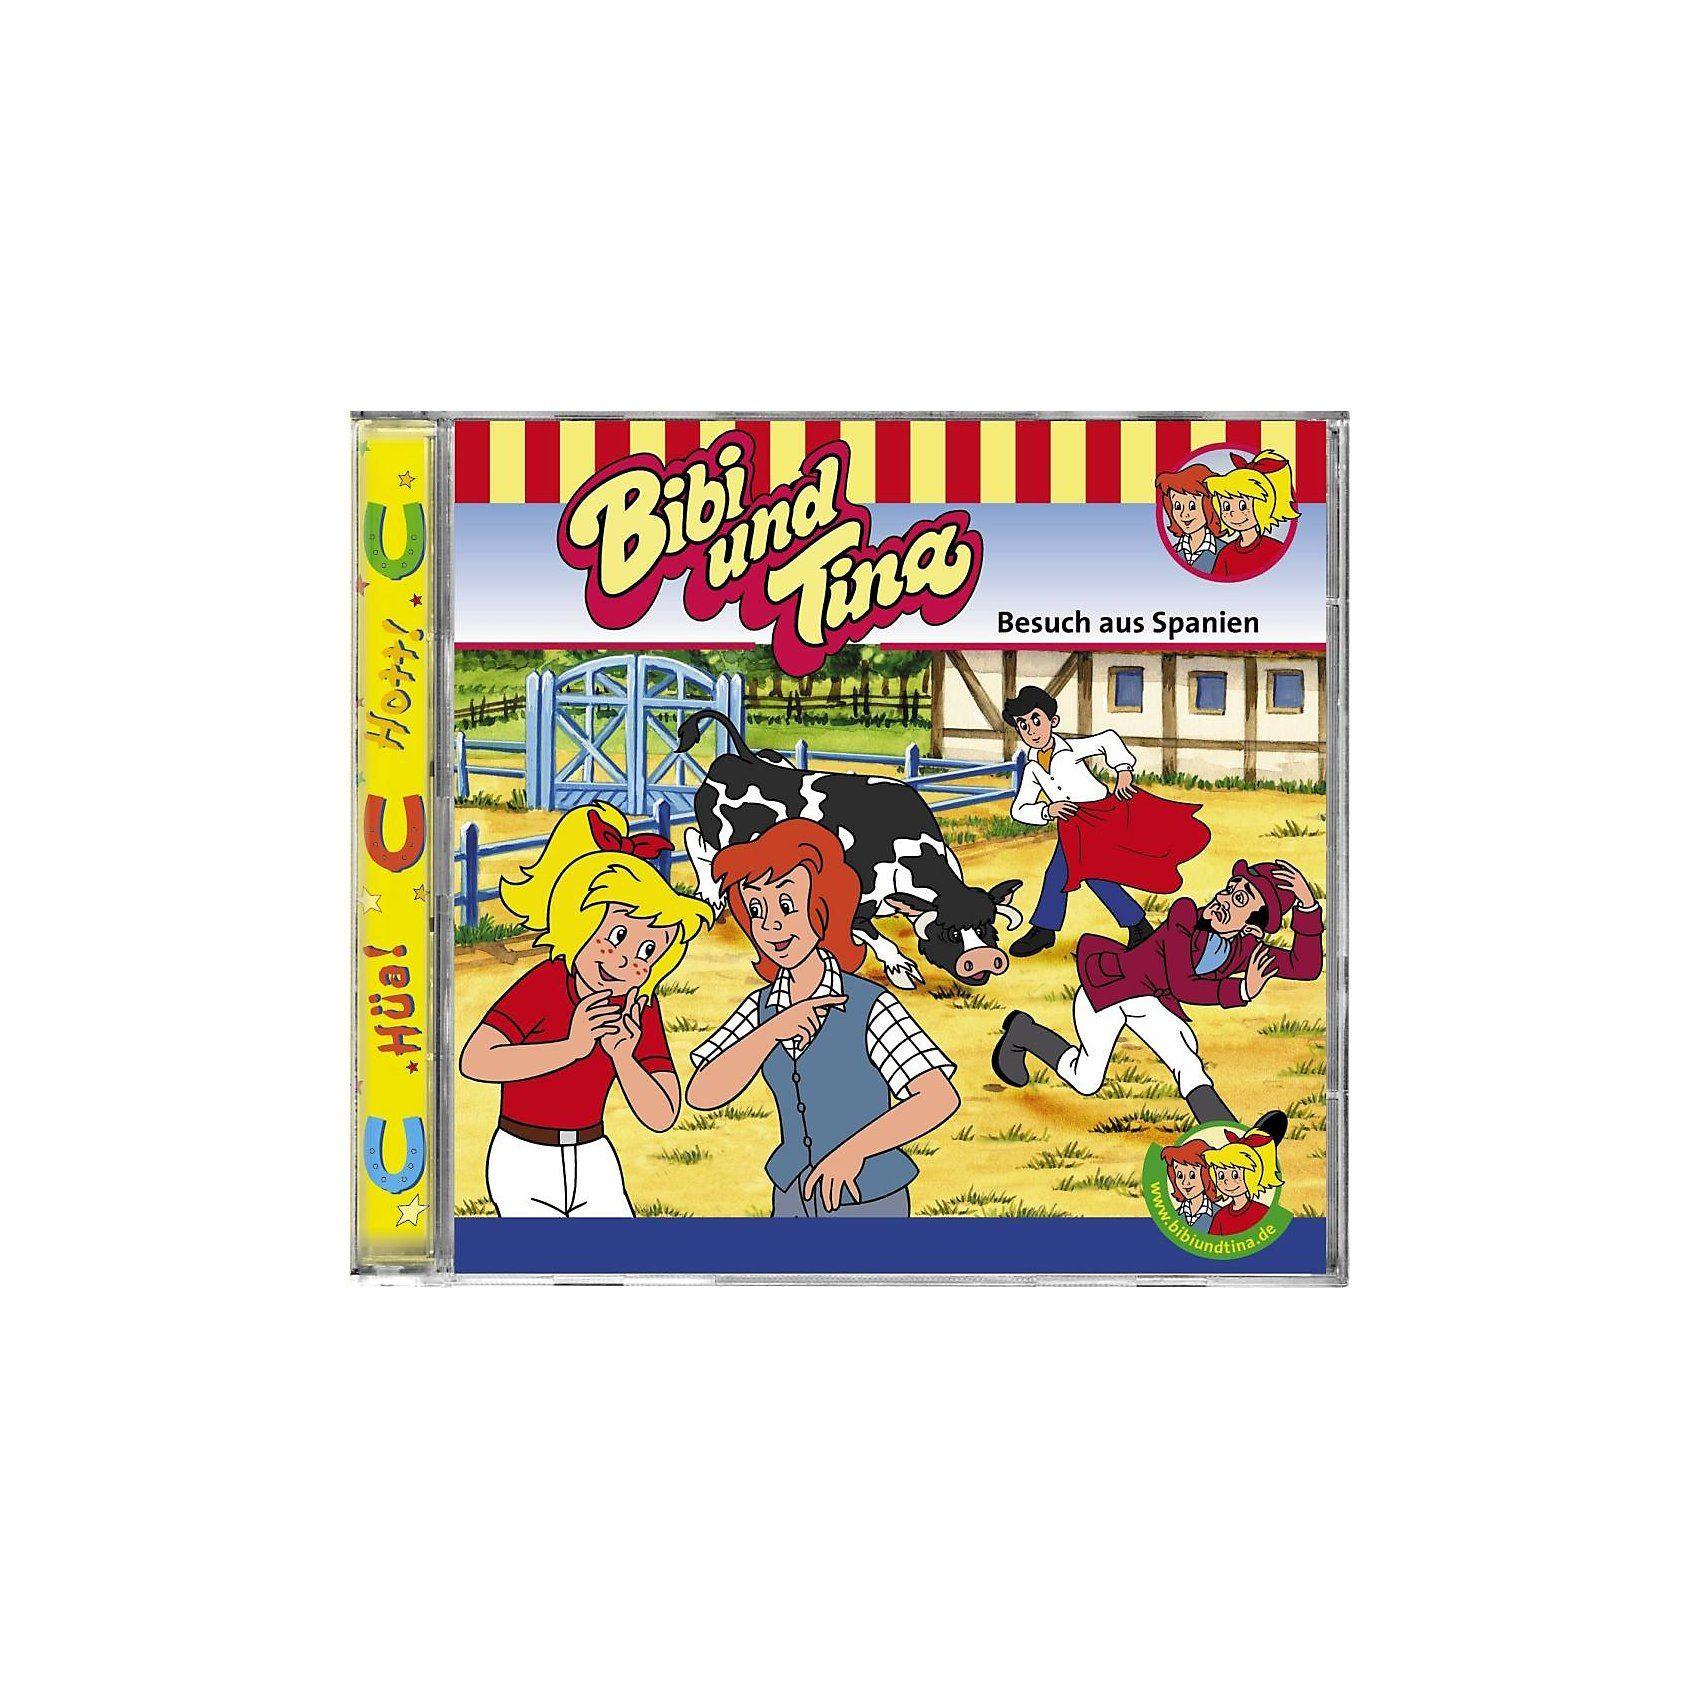 Kiddinx CD Bibi & Tina 51 - Besuch aus Spanien